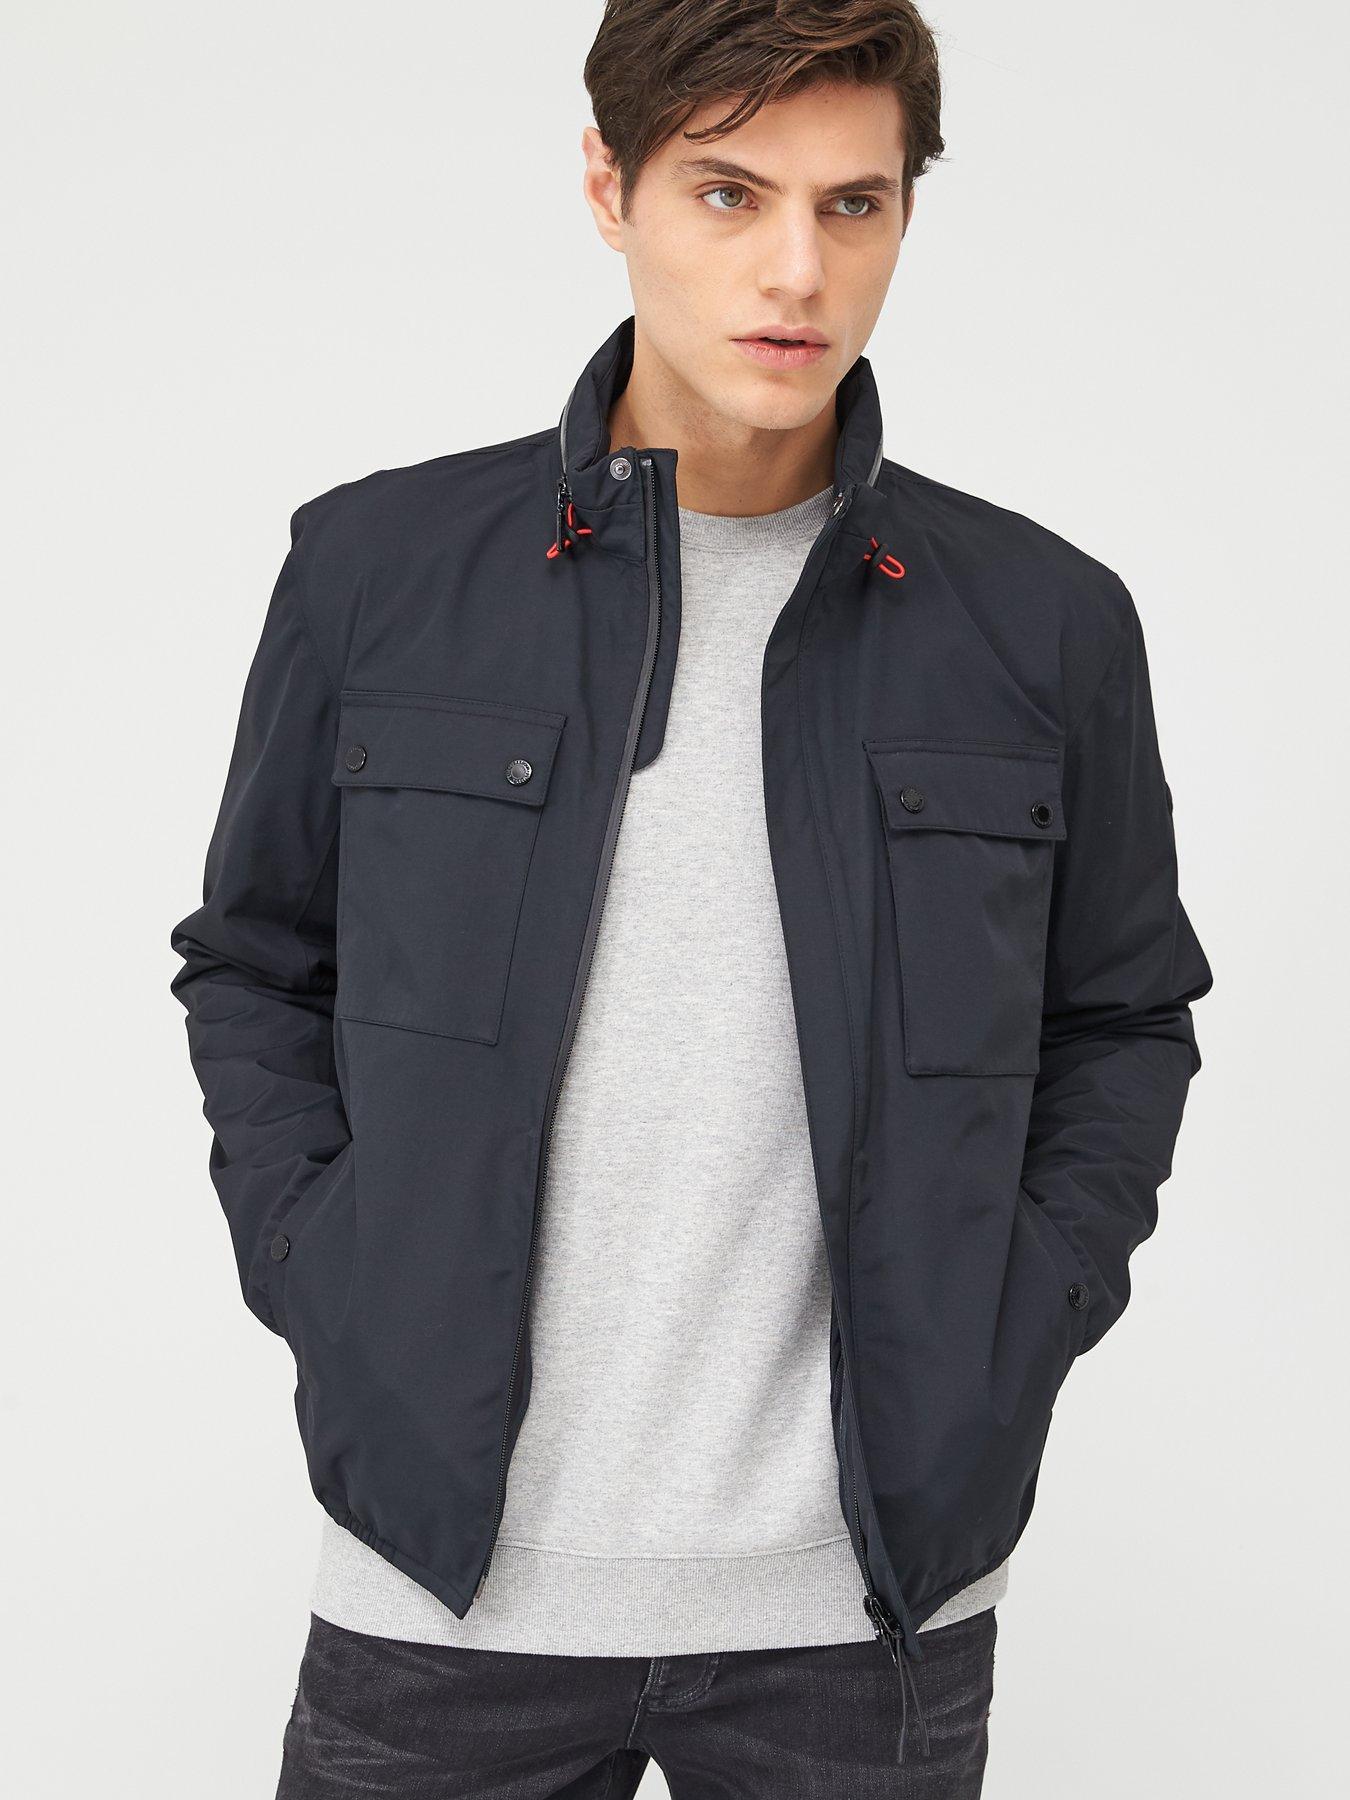 Men Leather Jacket Coat Motorcycle Biker Slim Fit Outwear Jackets LFC1133